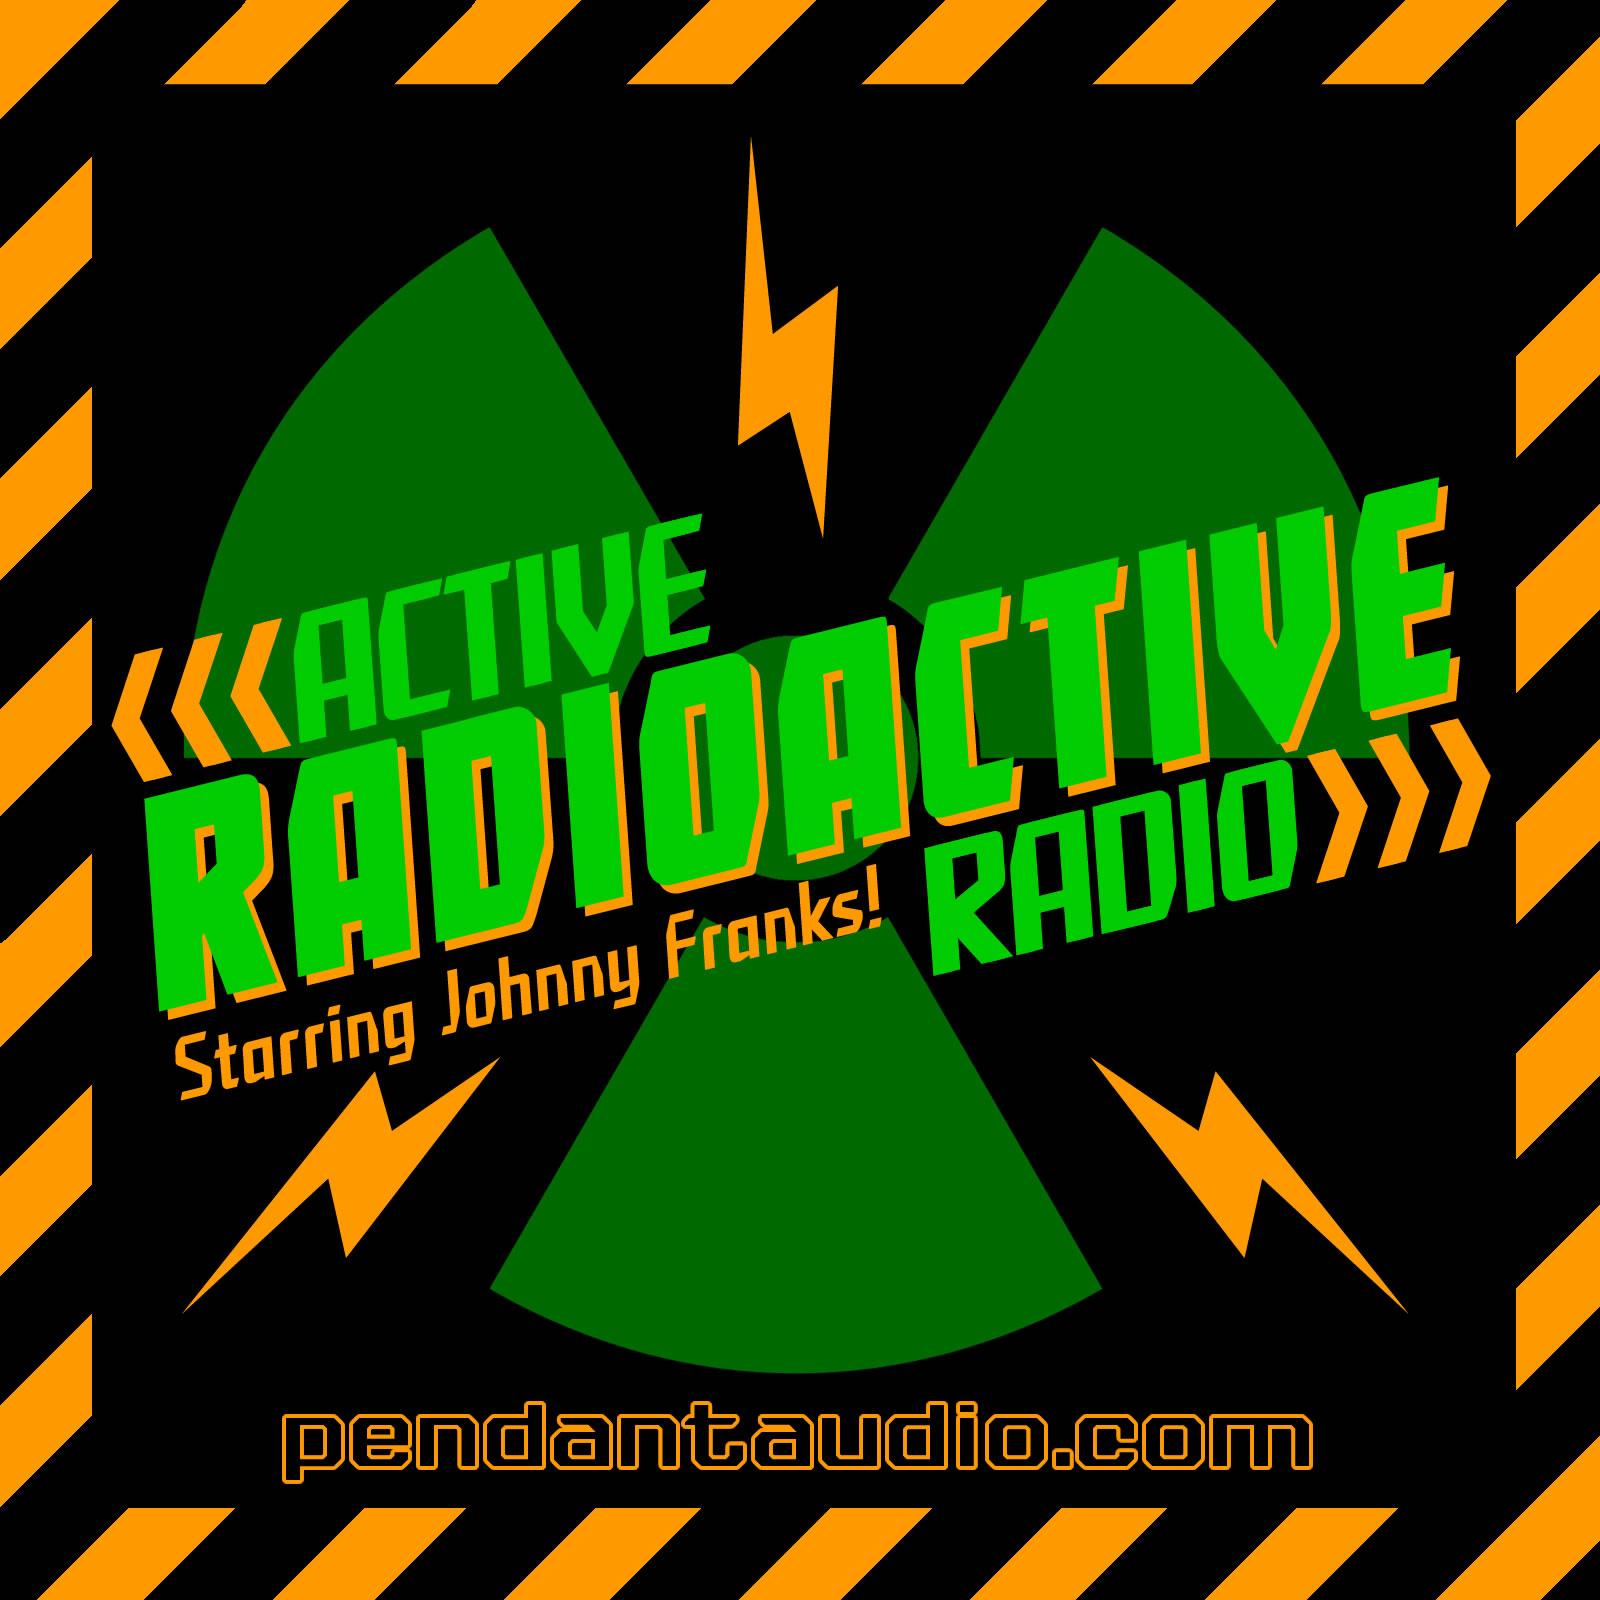 active radioactive radio pendant audio